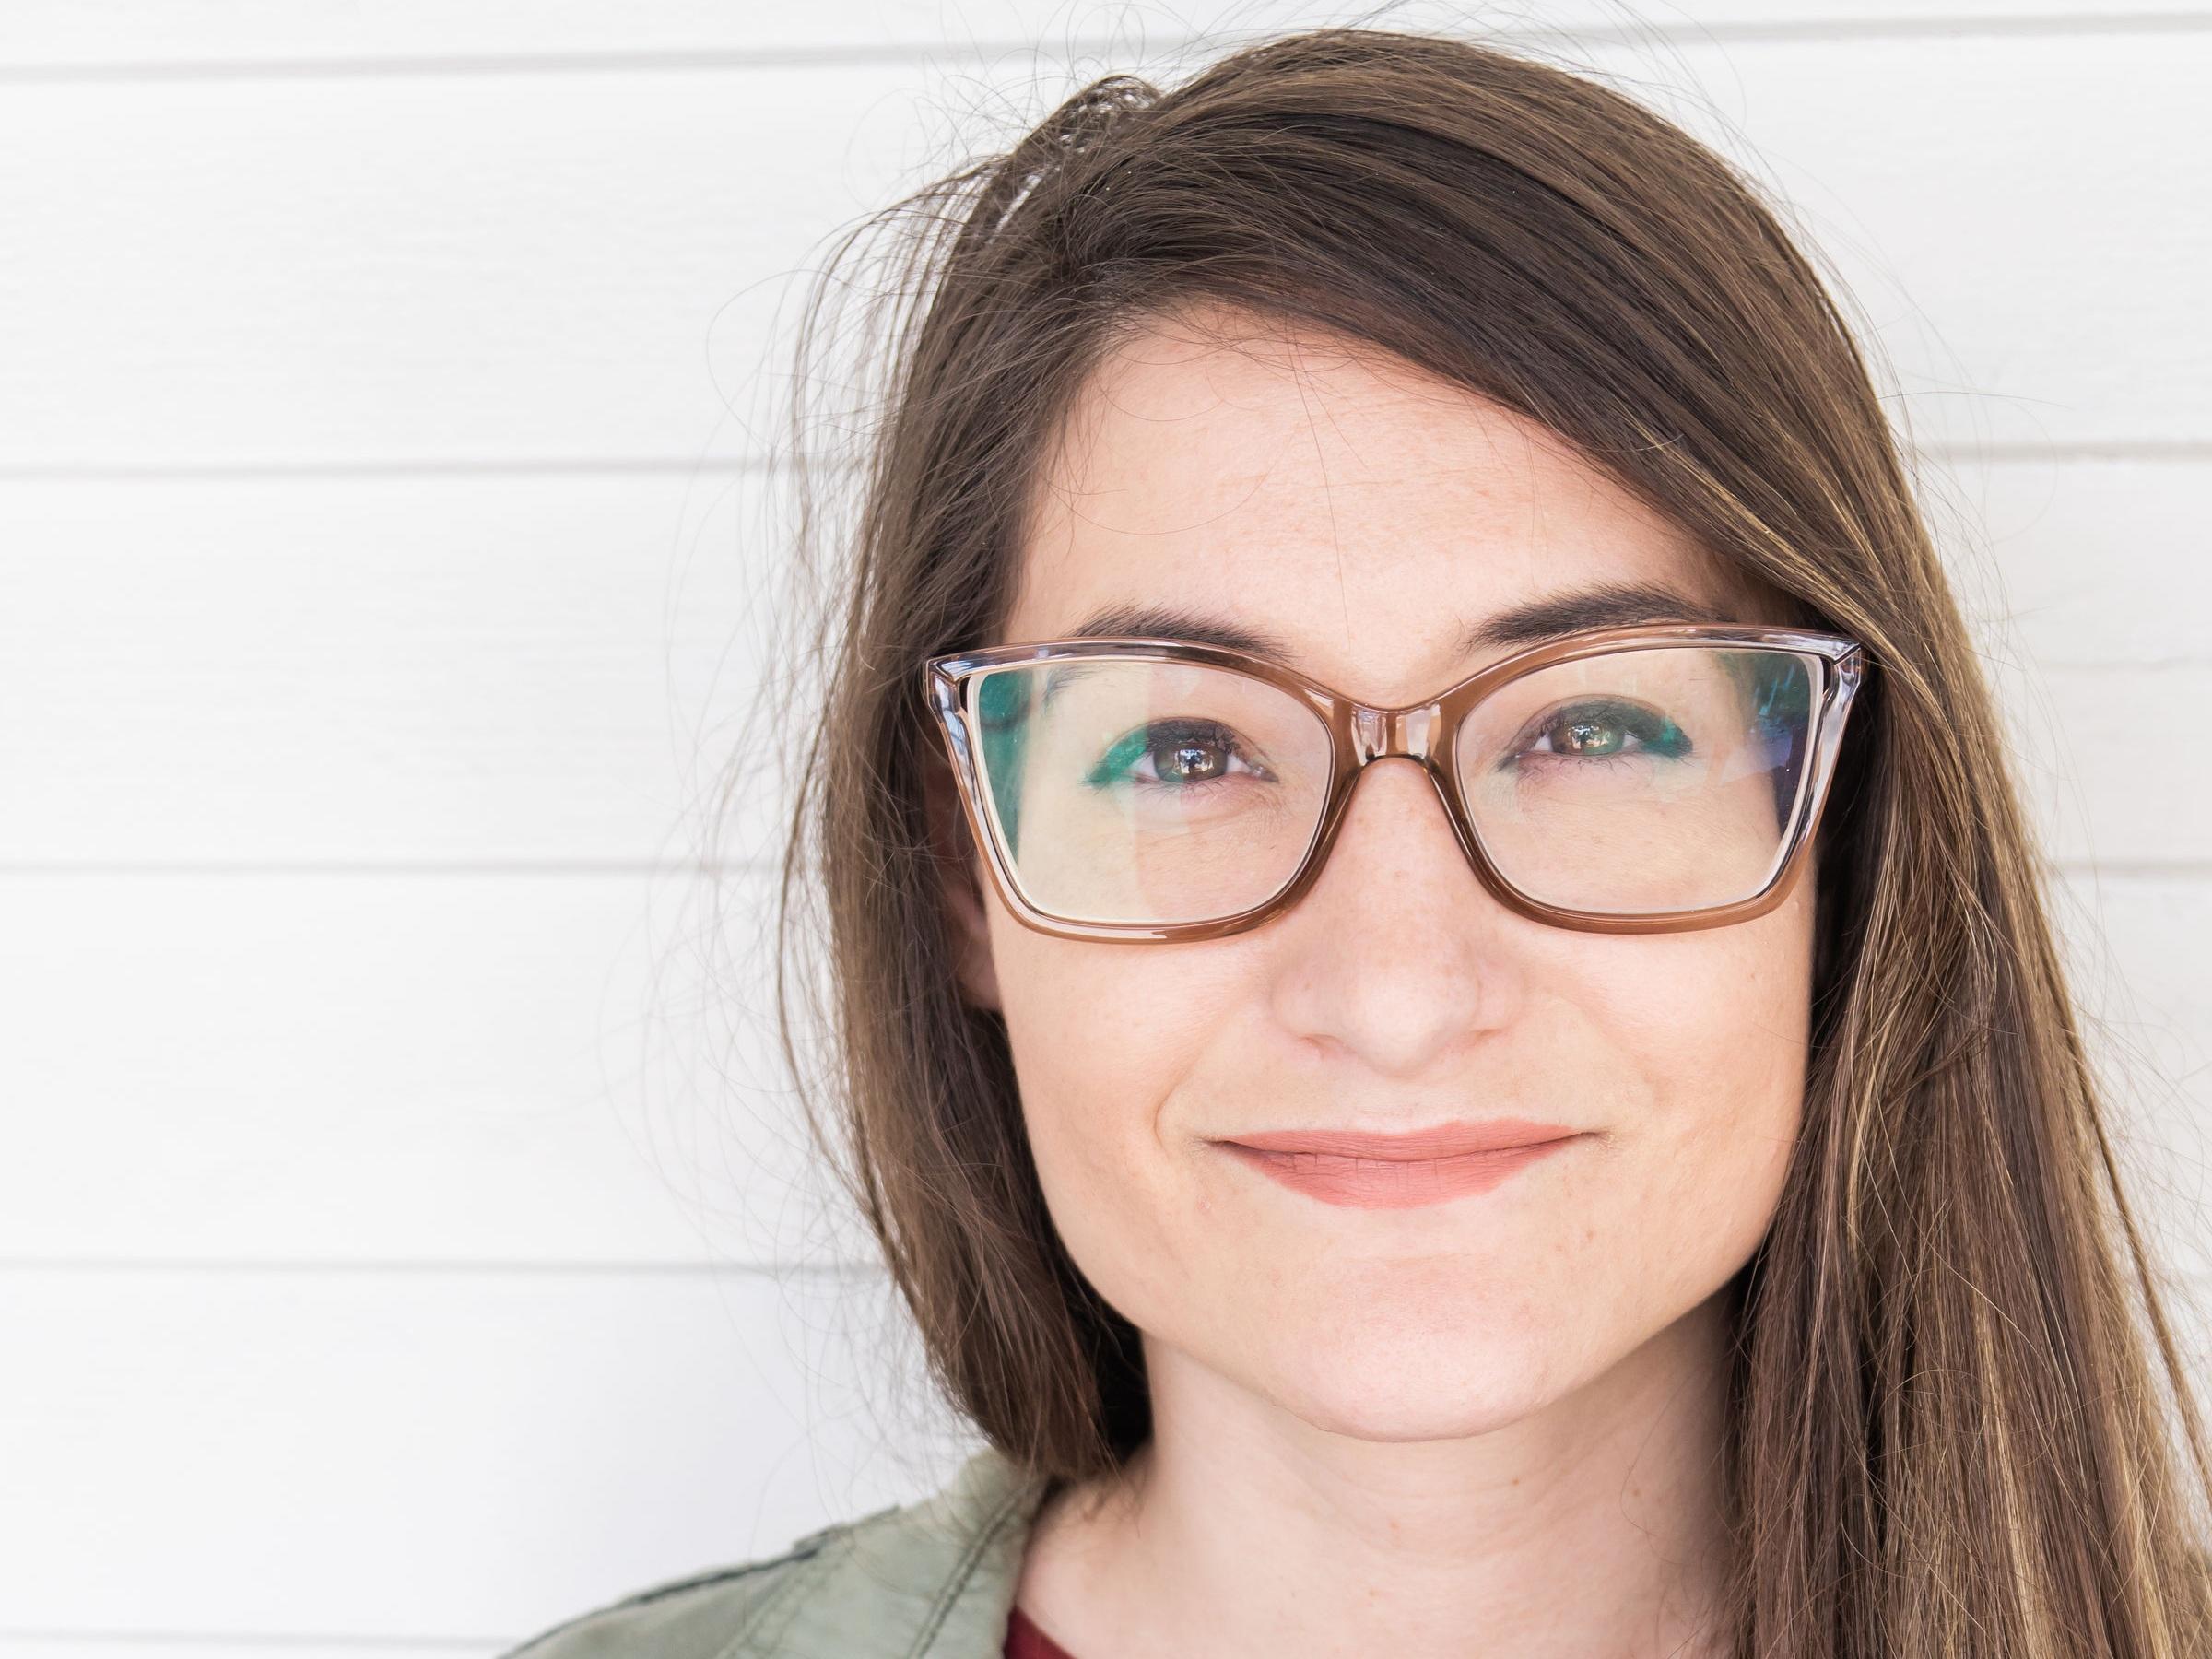 Megan Mahany-Sitton